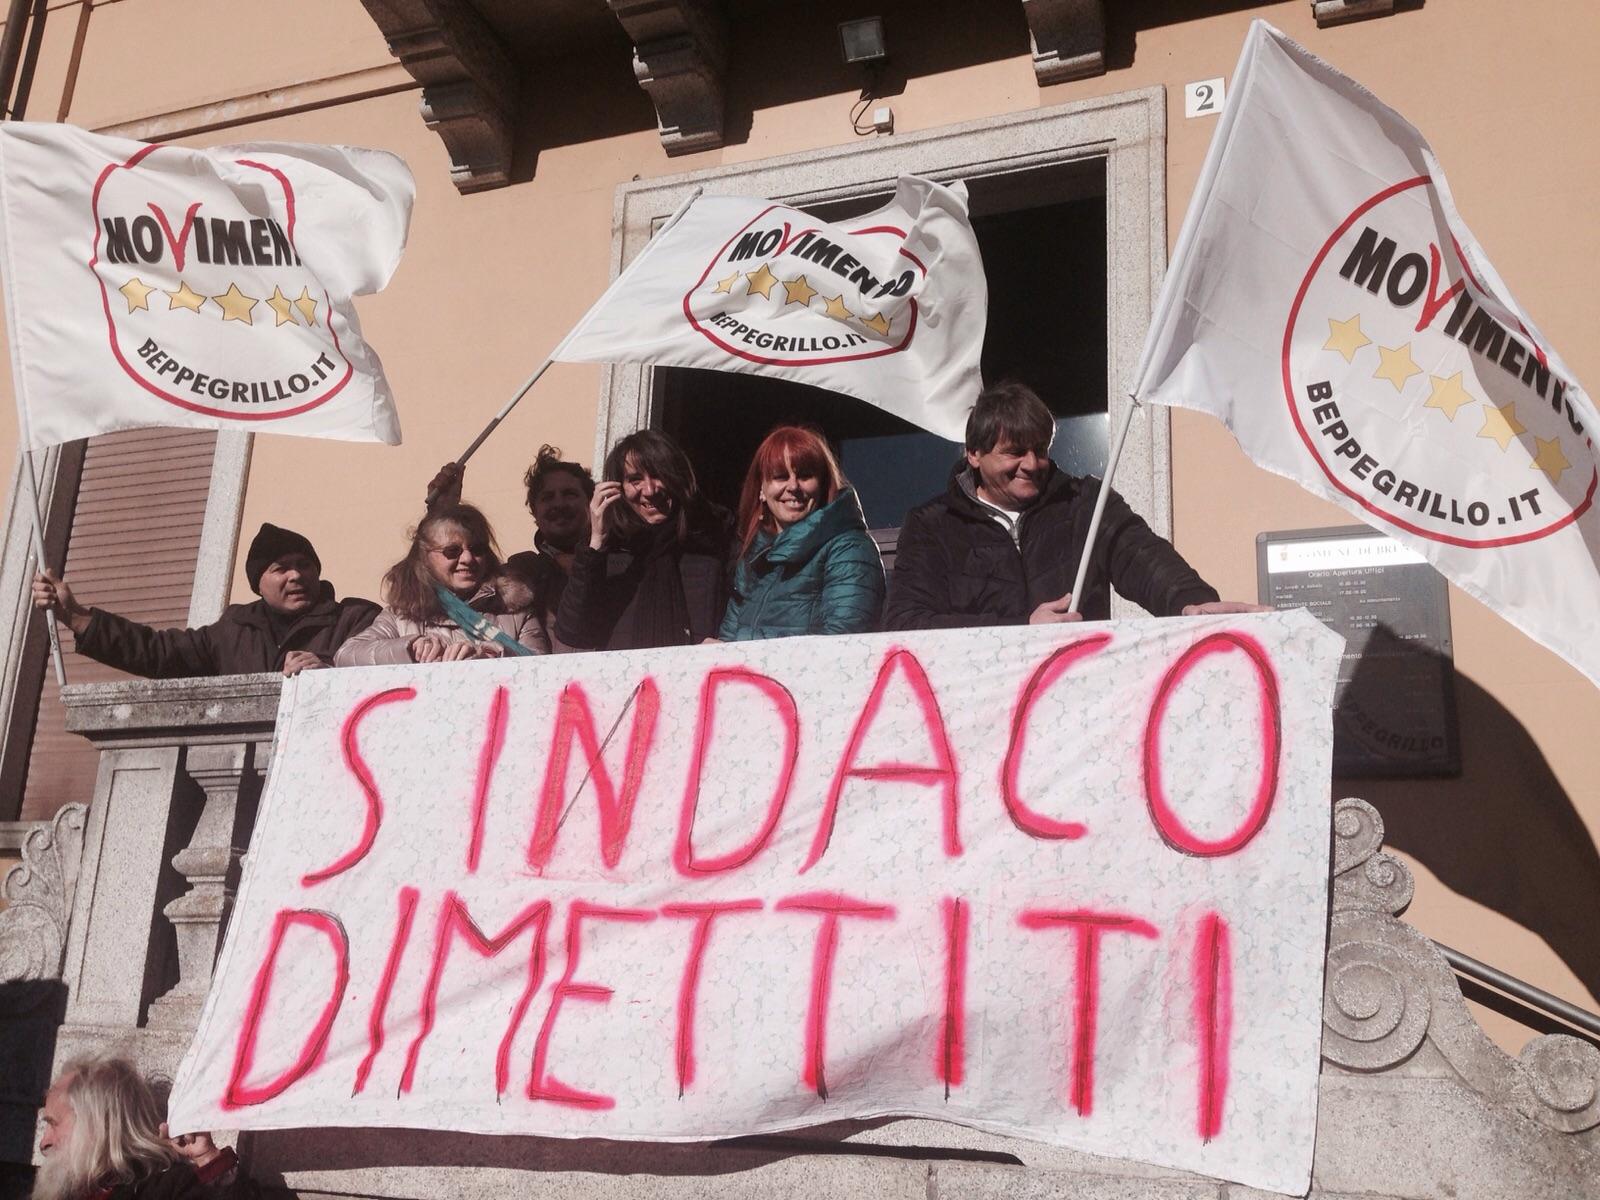 #BallardinDimettiti: M5S davanti al Municipio di Brenta per chiedere dimissioni del sindaco arrestato